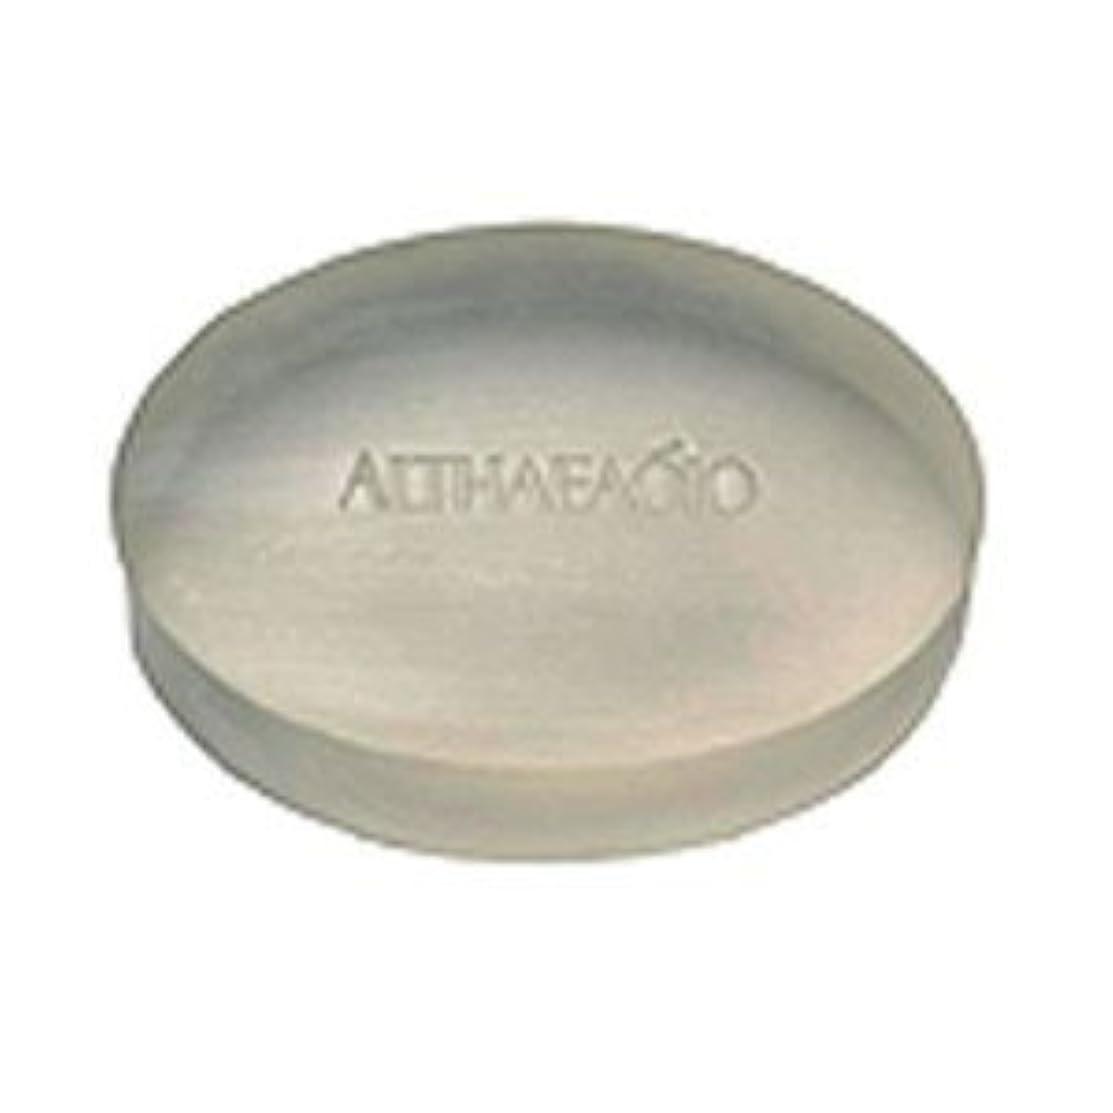 傾いた手がかり根絶するセプテム エルテオ ソープ レフィル 100g 薬用洗顔石けん